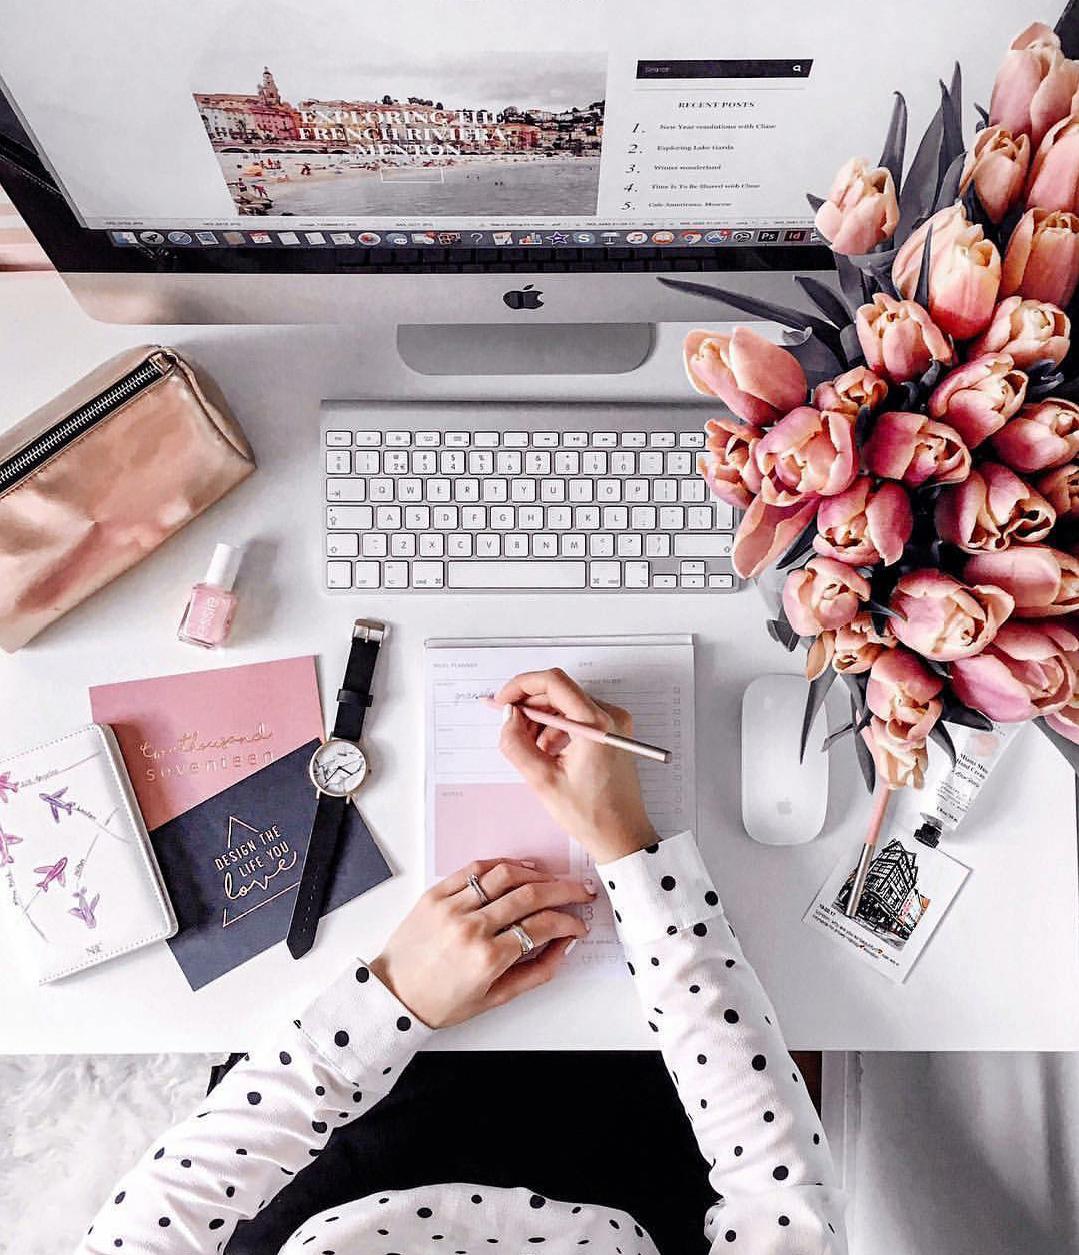 Idées Inspiration Blogger Automne Hiver #lifestyle